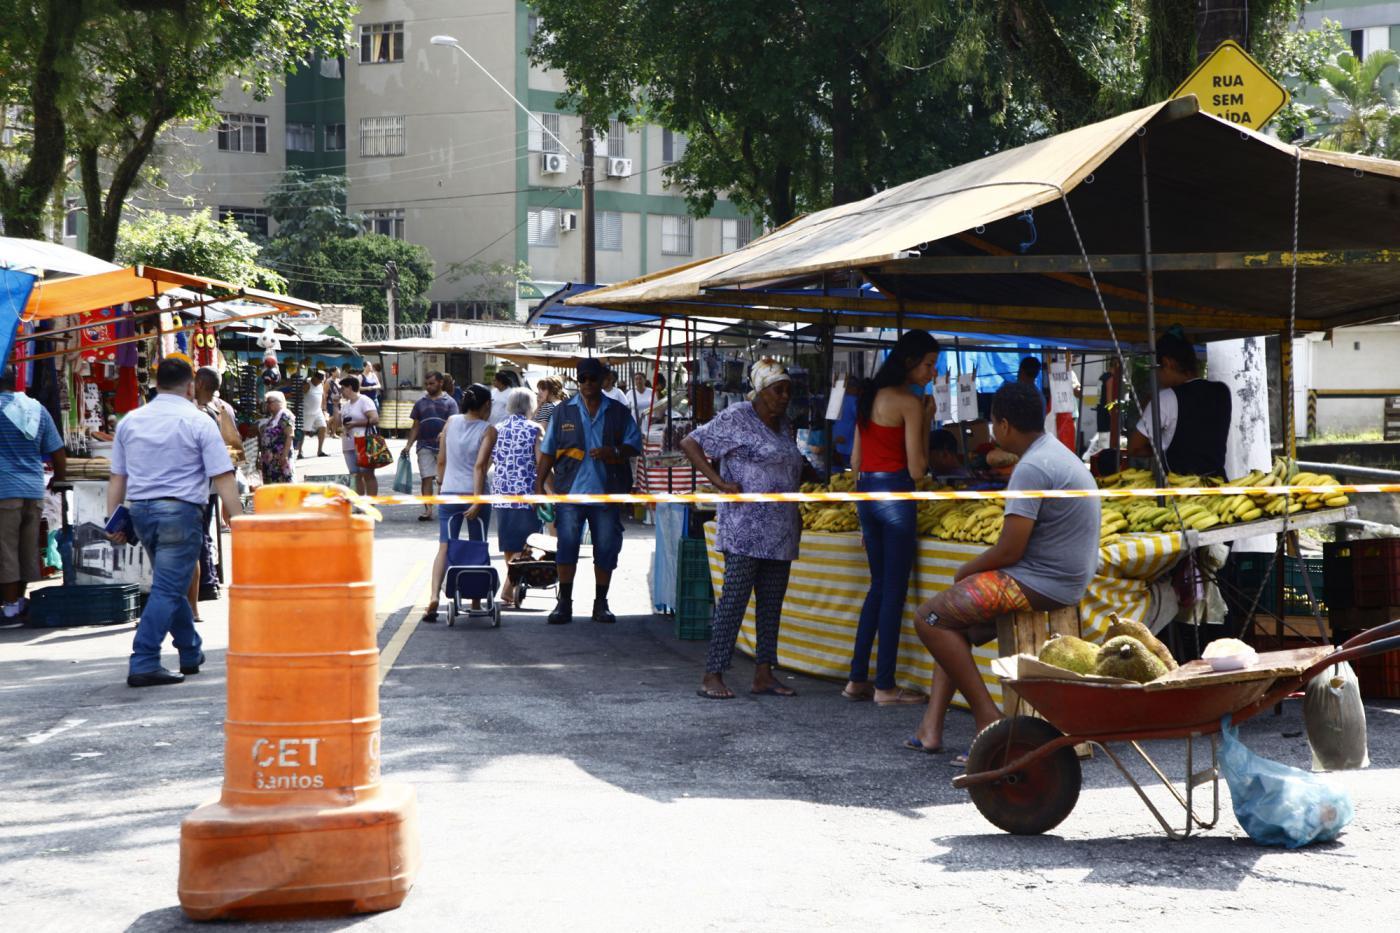 Barracas armadas em ambos os lados de uma rua. Consumidores circulam pela via. À entrada há cavalete e fita zebrada para impedir o trânsito no local. #Pracegover